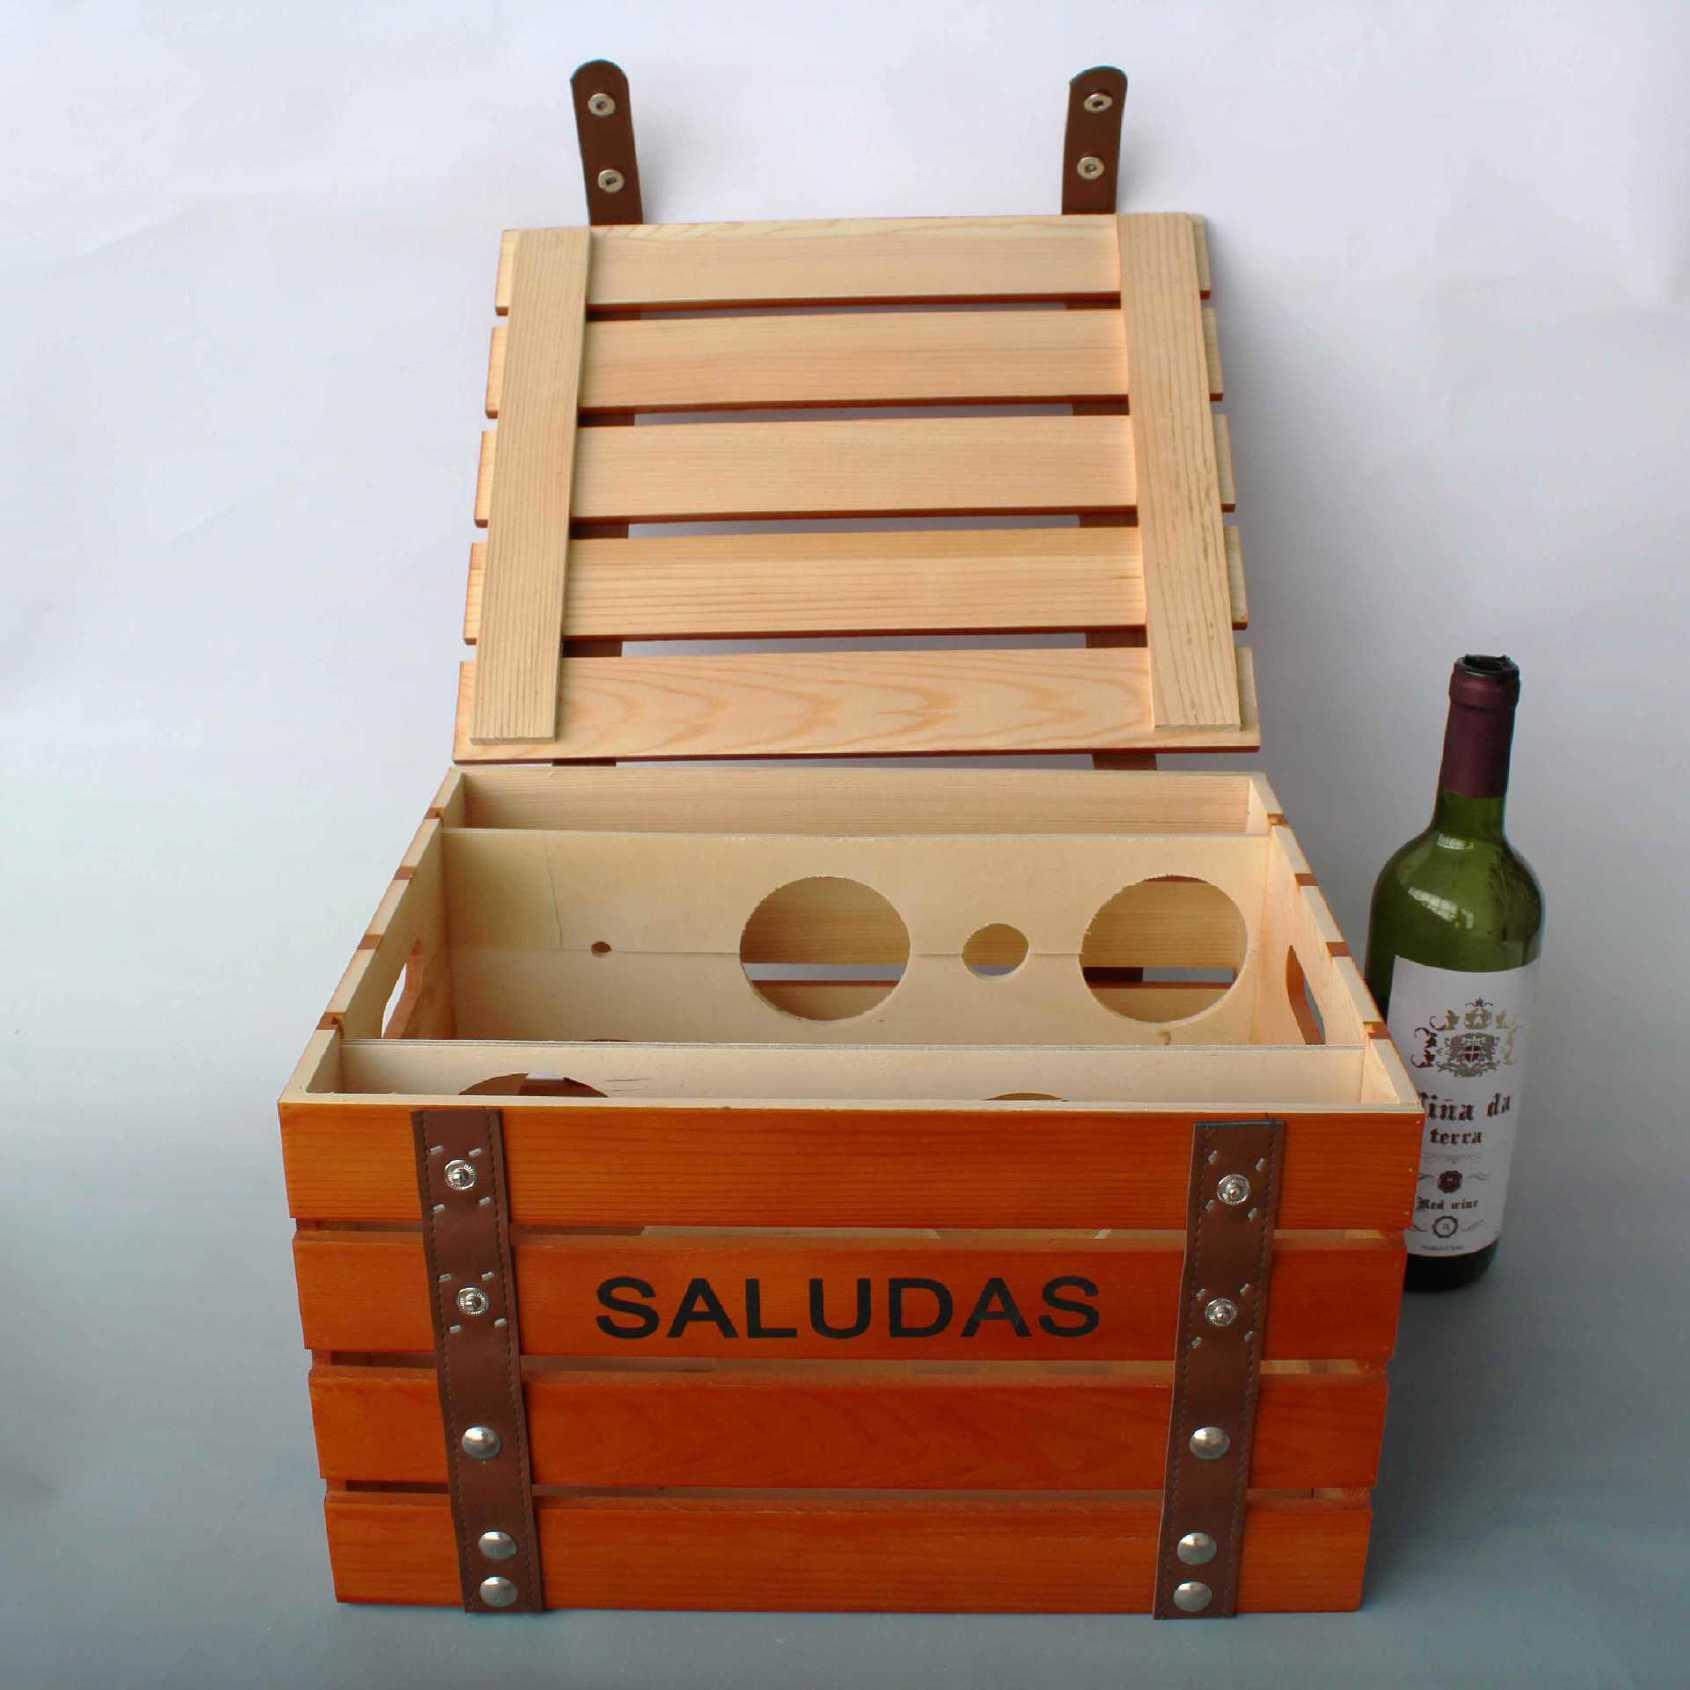 红酒礼盒 六支装葡萄酒包装专用礼盒 皮带铆钉装饰专业定制